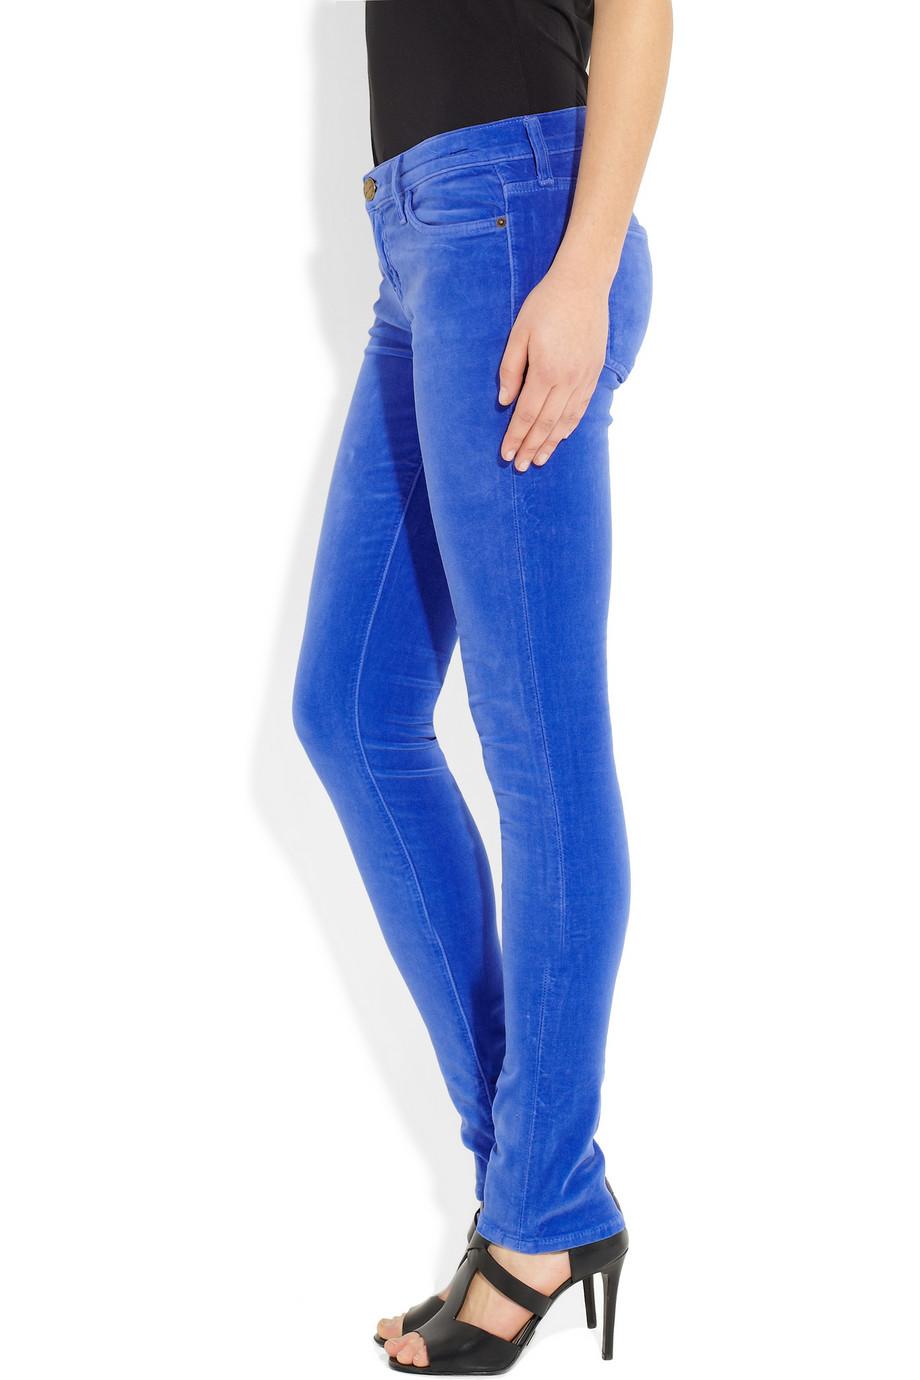 Current/Elliott The Skinny Velvet Low-Rise Jeans in Blue